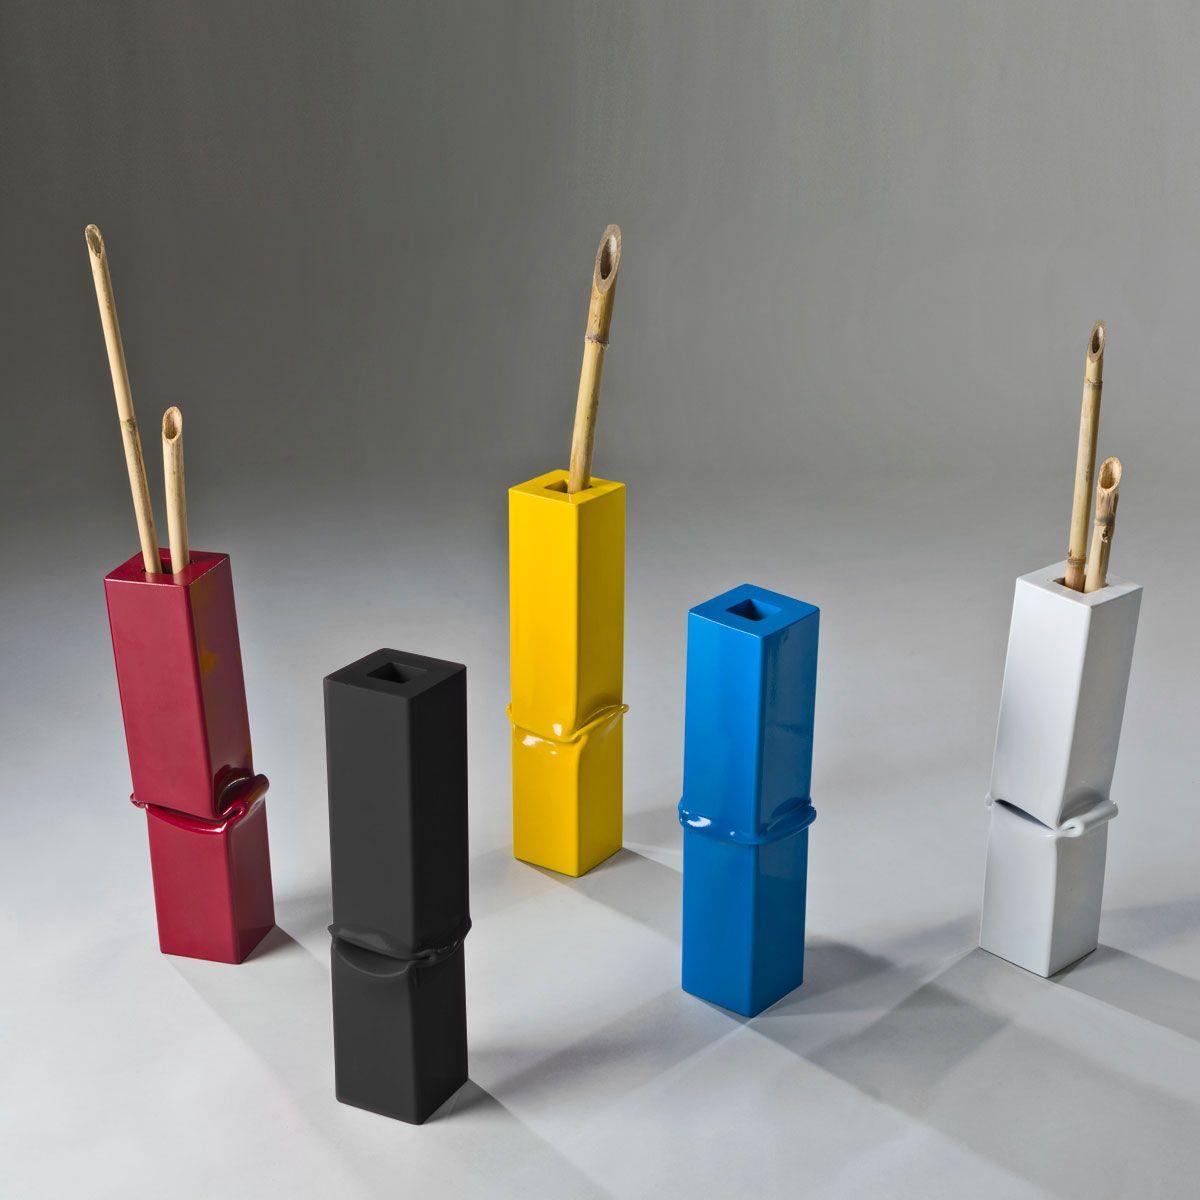 vasi design under pressure 1